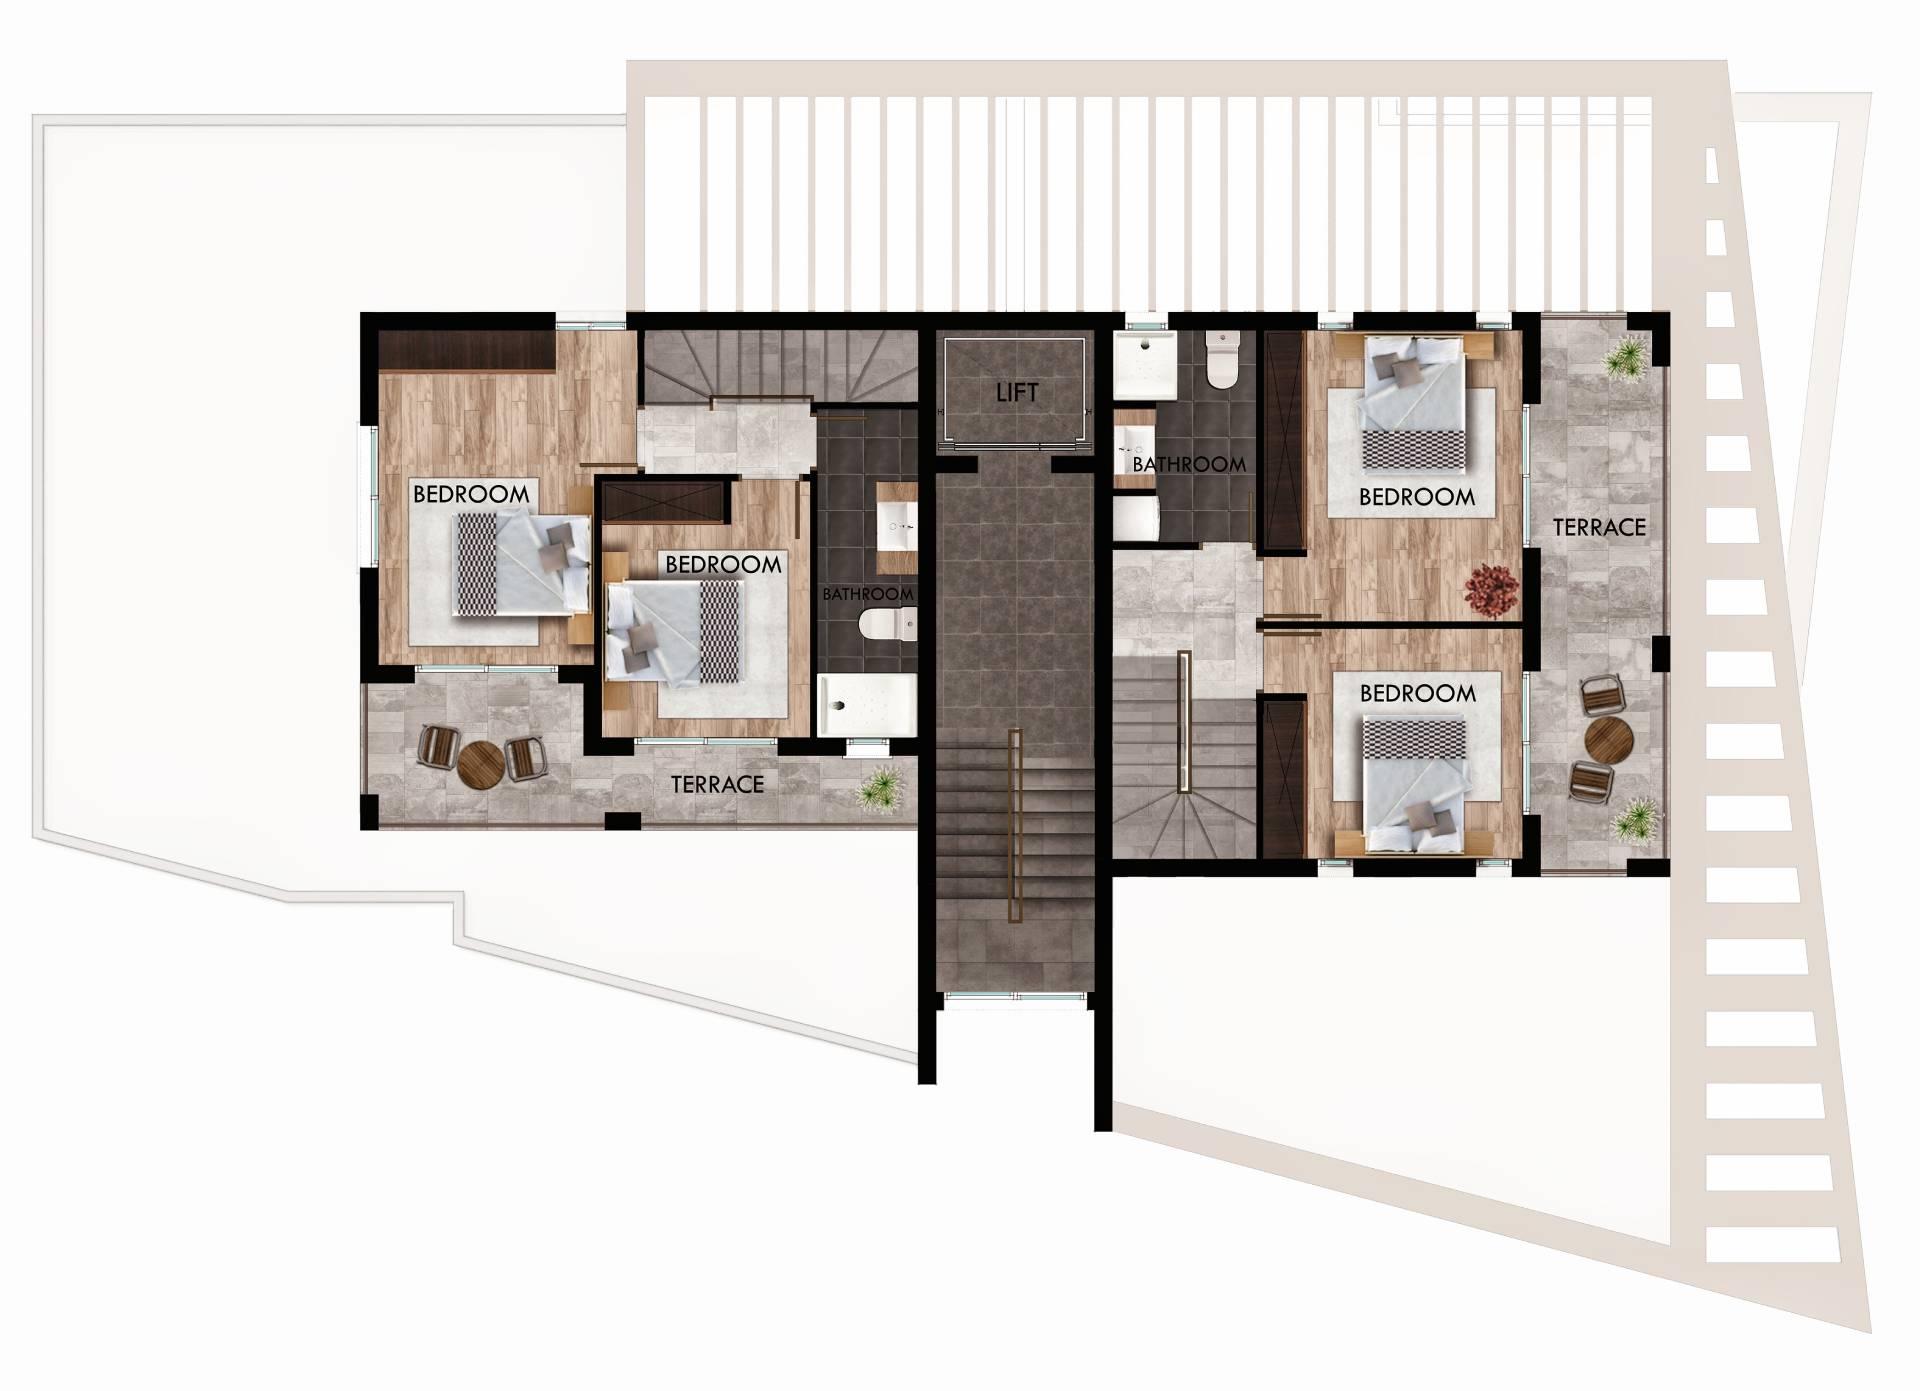 Mezzanine floor plan